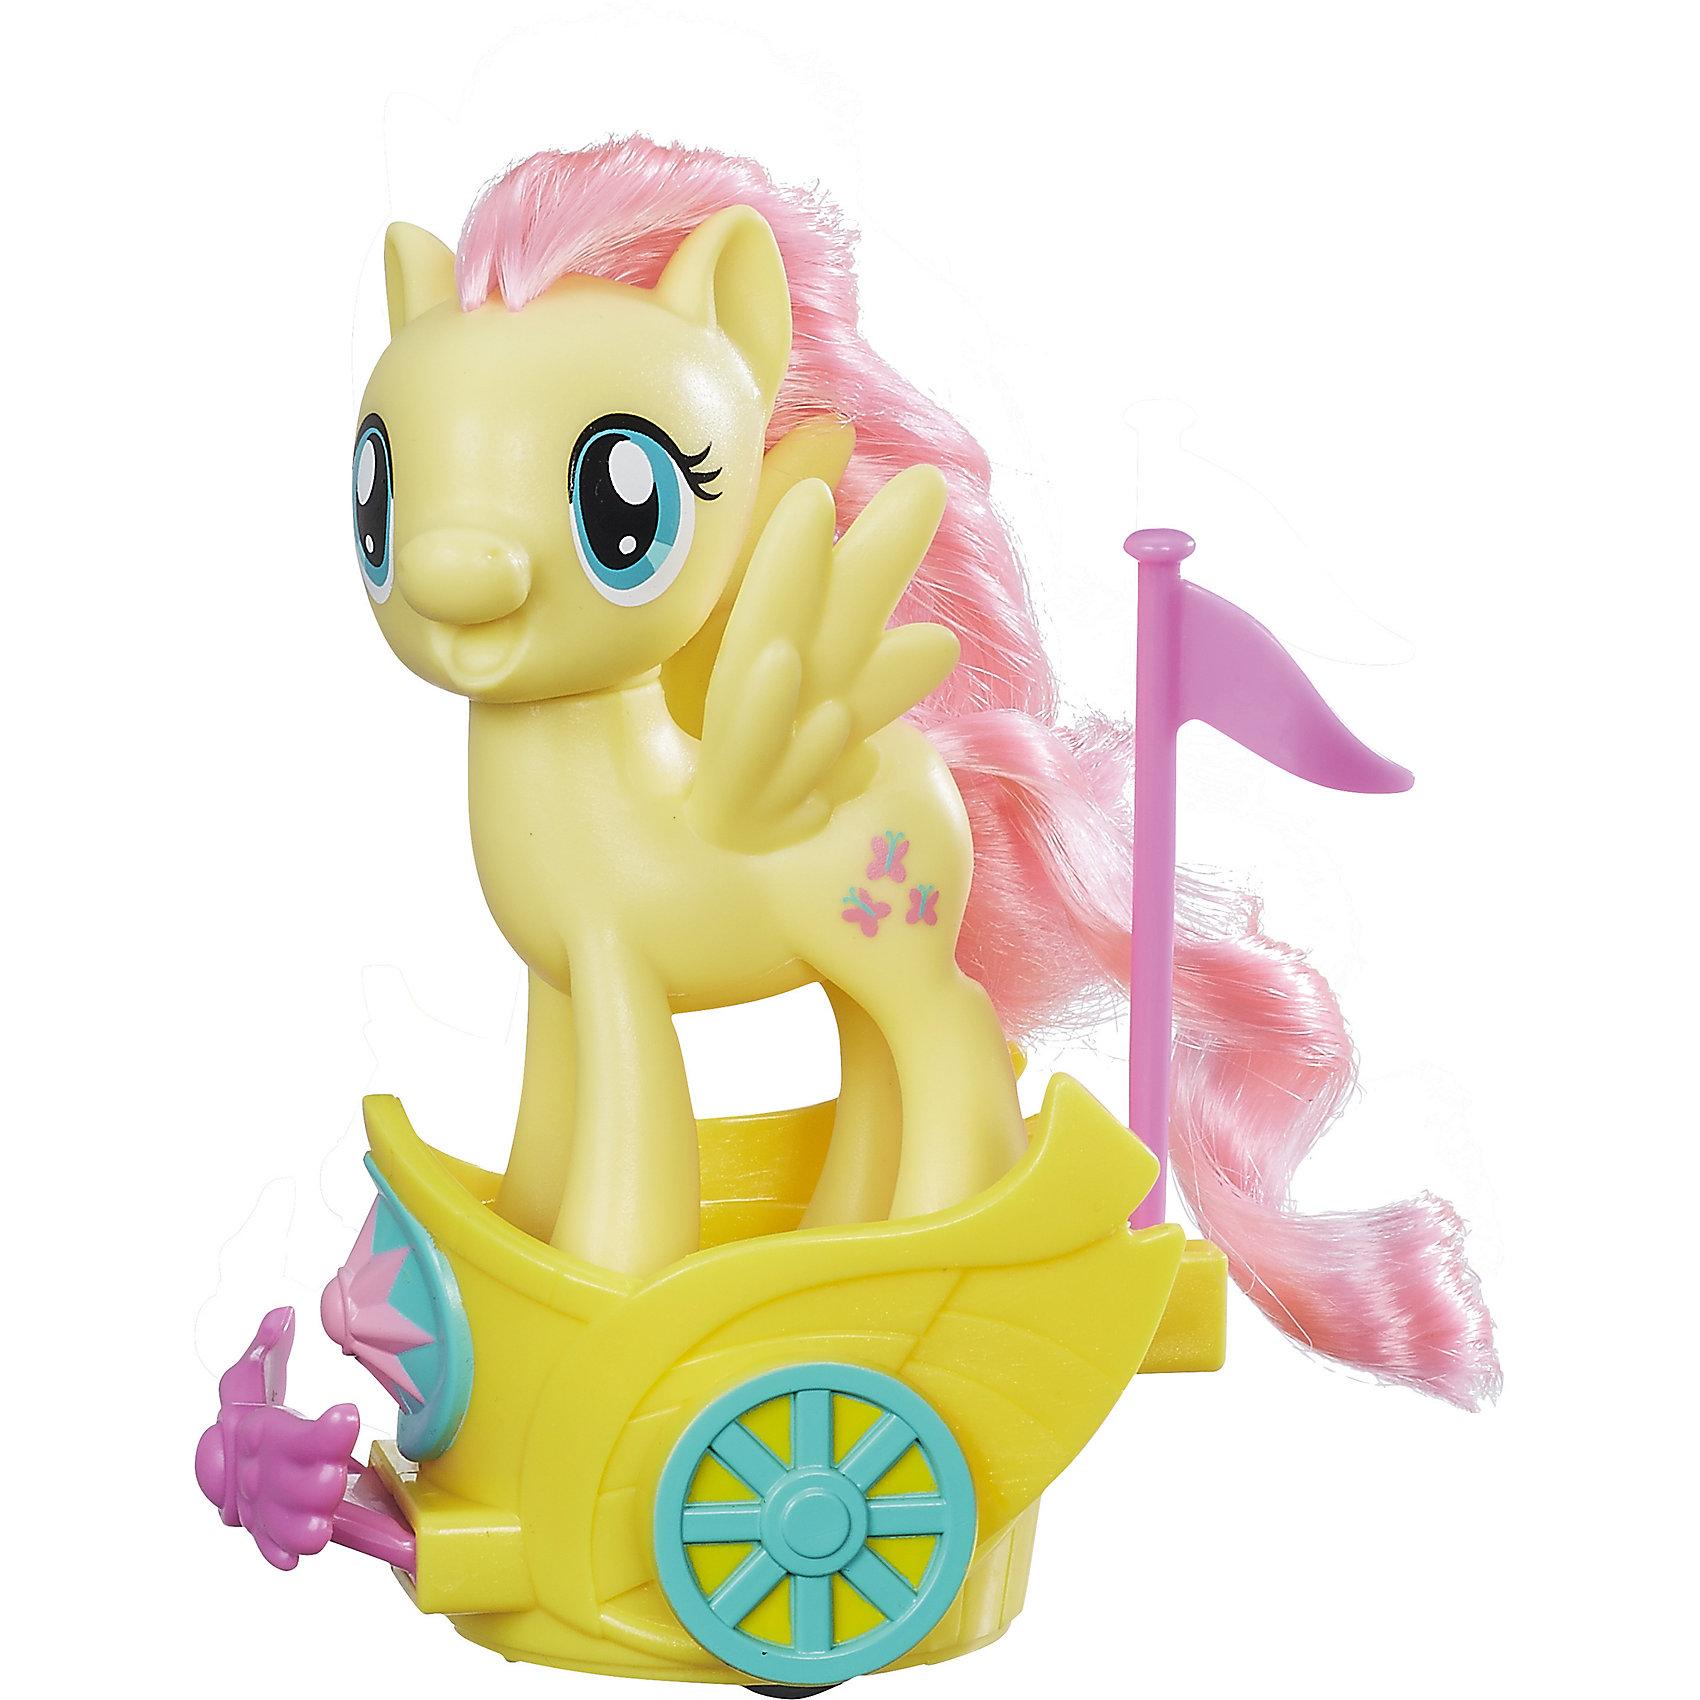 Игровой набор Hasbro My little Pony Пони в карете, ФлаттершайЛюбимые герои<br>Характеристики товара:<br><br>• возраст: от 3 лет;<br>• материал: пластик;<br>• в комплекте: фигурка пони, карета;<br>• размер фигурки: 7,5 см;<br>• размер упаковки: 27х21,3х18,1 см;<br>• вес упаковки: 280 гр.;<br>• страна производитель: Китай.<br><br>Игровой набор «Пони в карете» My Little Pony Hasbro создан по мотивам известного мультсериала. В наборе фигурка пони Флаттершай с розовой гривой и хвостиком. Флаттершай застенчива, но любит общаться со своими друзьями. Пони отправляется на бал в своей волшебной карете. Если посадить пони в карету и потянуть немного назад, то она начнет вращаться. Мягкий хвостик и гриву можно расчесывать, заплетать, украшать, придумывая каждый раз новый оригинальный образ. <br><br>Игровой набор «Пони в катере» My Little Pony Hasbro B9159/B9836 можно приобрести в нашем интернет-магазине.<br><br>Ширина мм: 270<br>Глубина мм: 213<br>Высота мм: 181<br>Вес г: 280<br>Возраст от месяцев: 36<br>Возраст до месяцев: 2147483647<br>Пол: Женский<br>Возраст: Детский<br>SKU: 6674414